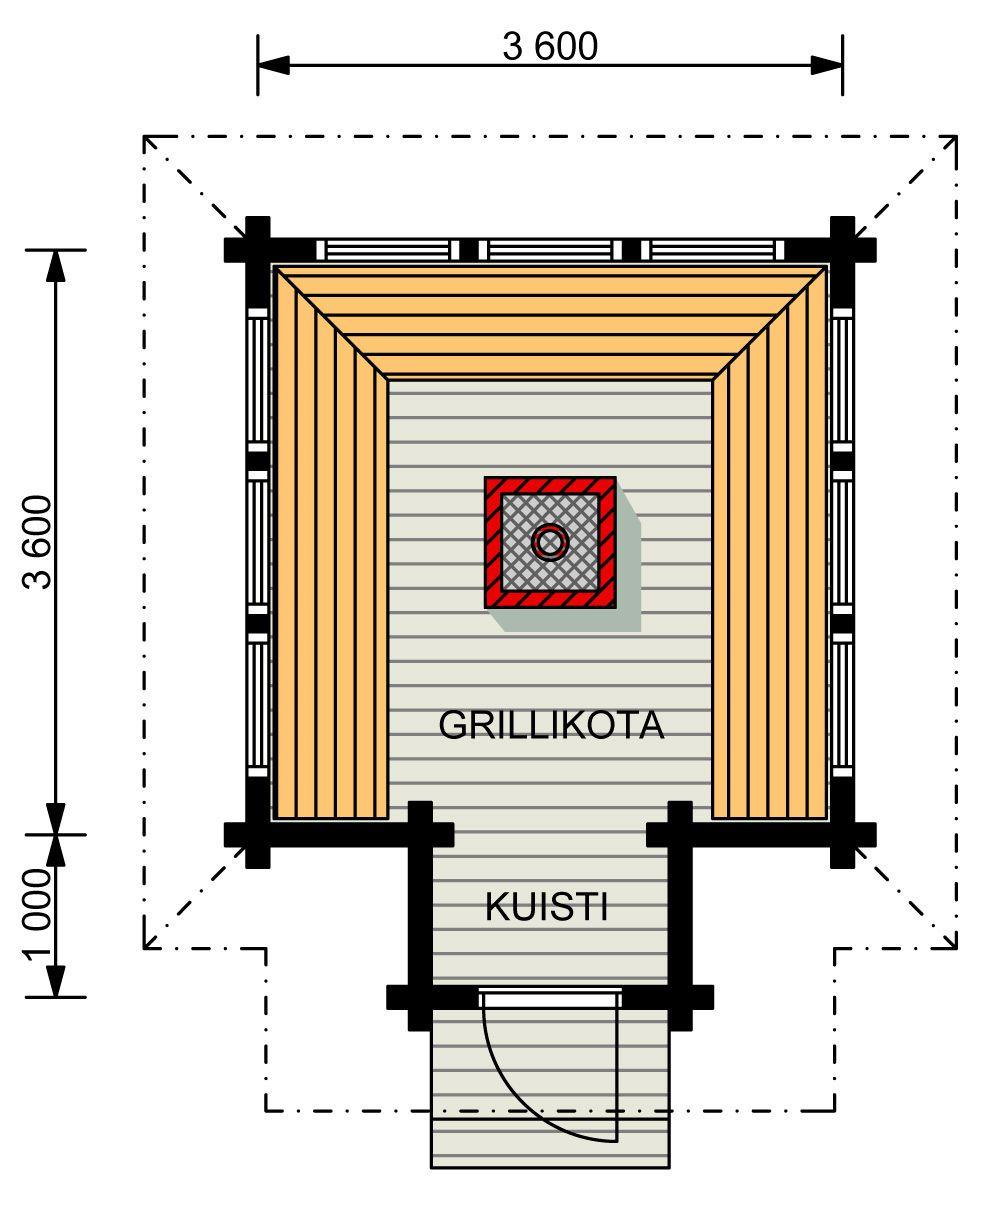 sauna-Kimara-Grillikota-alakerta